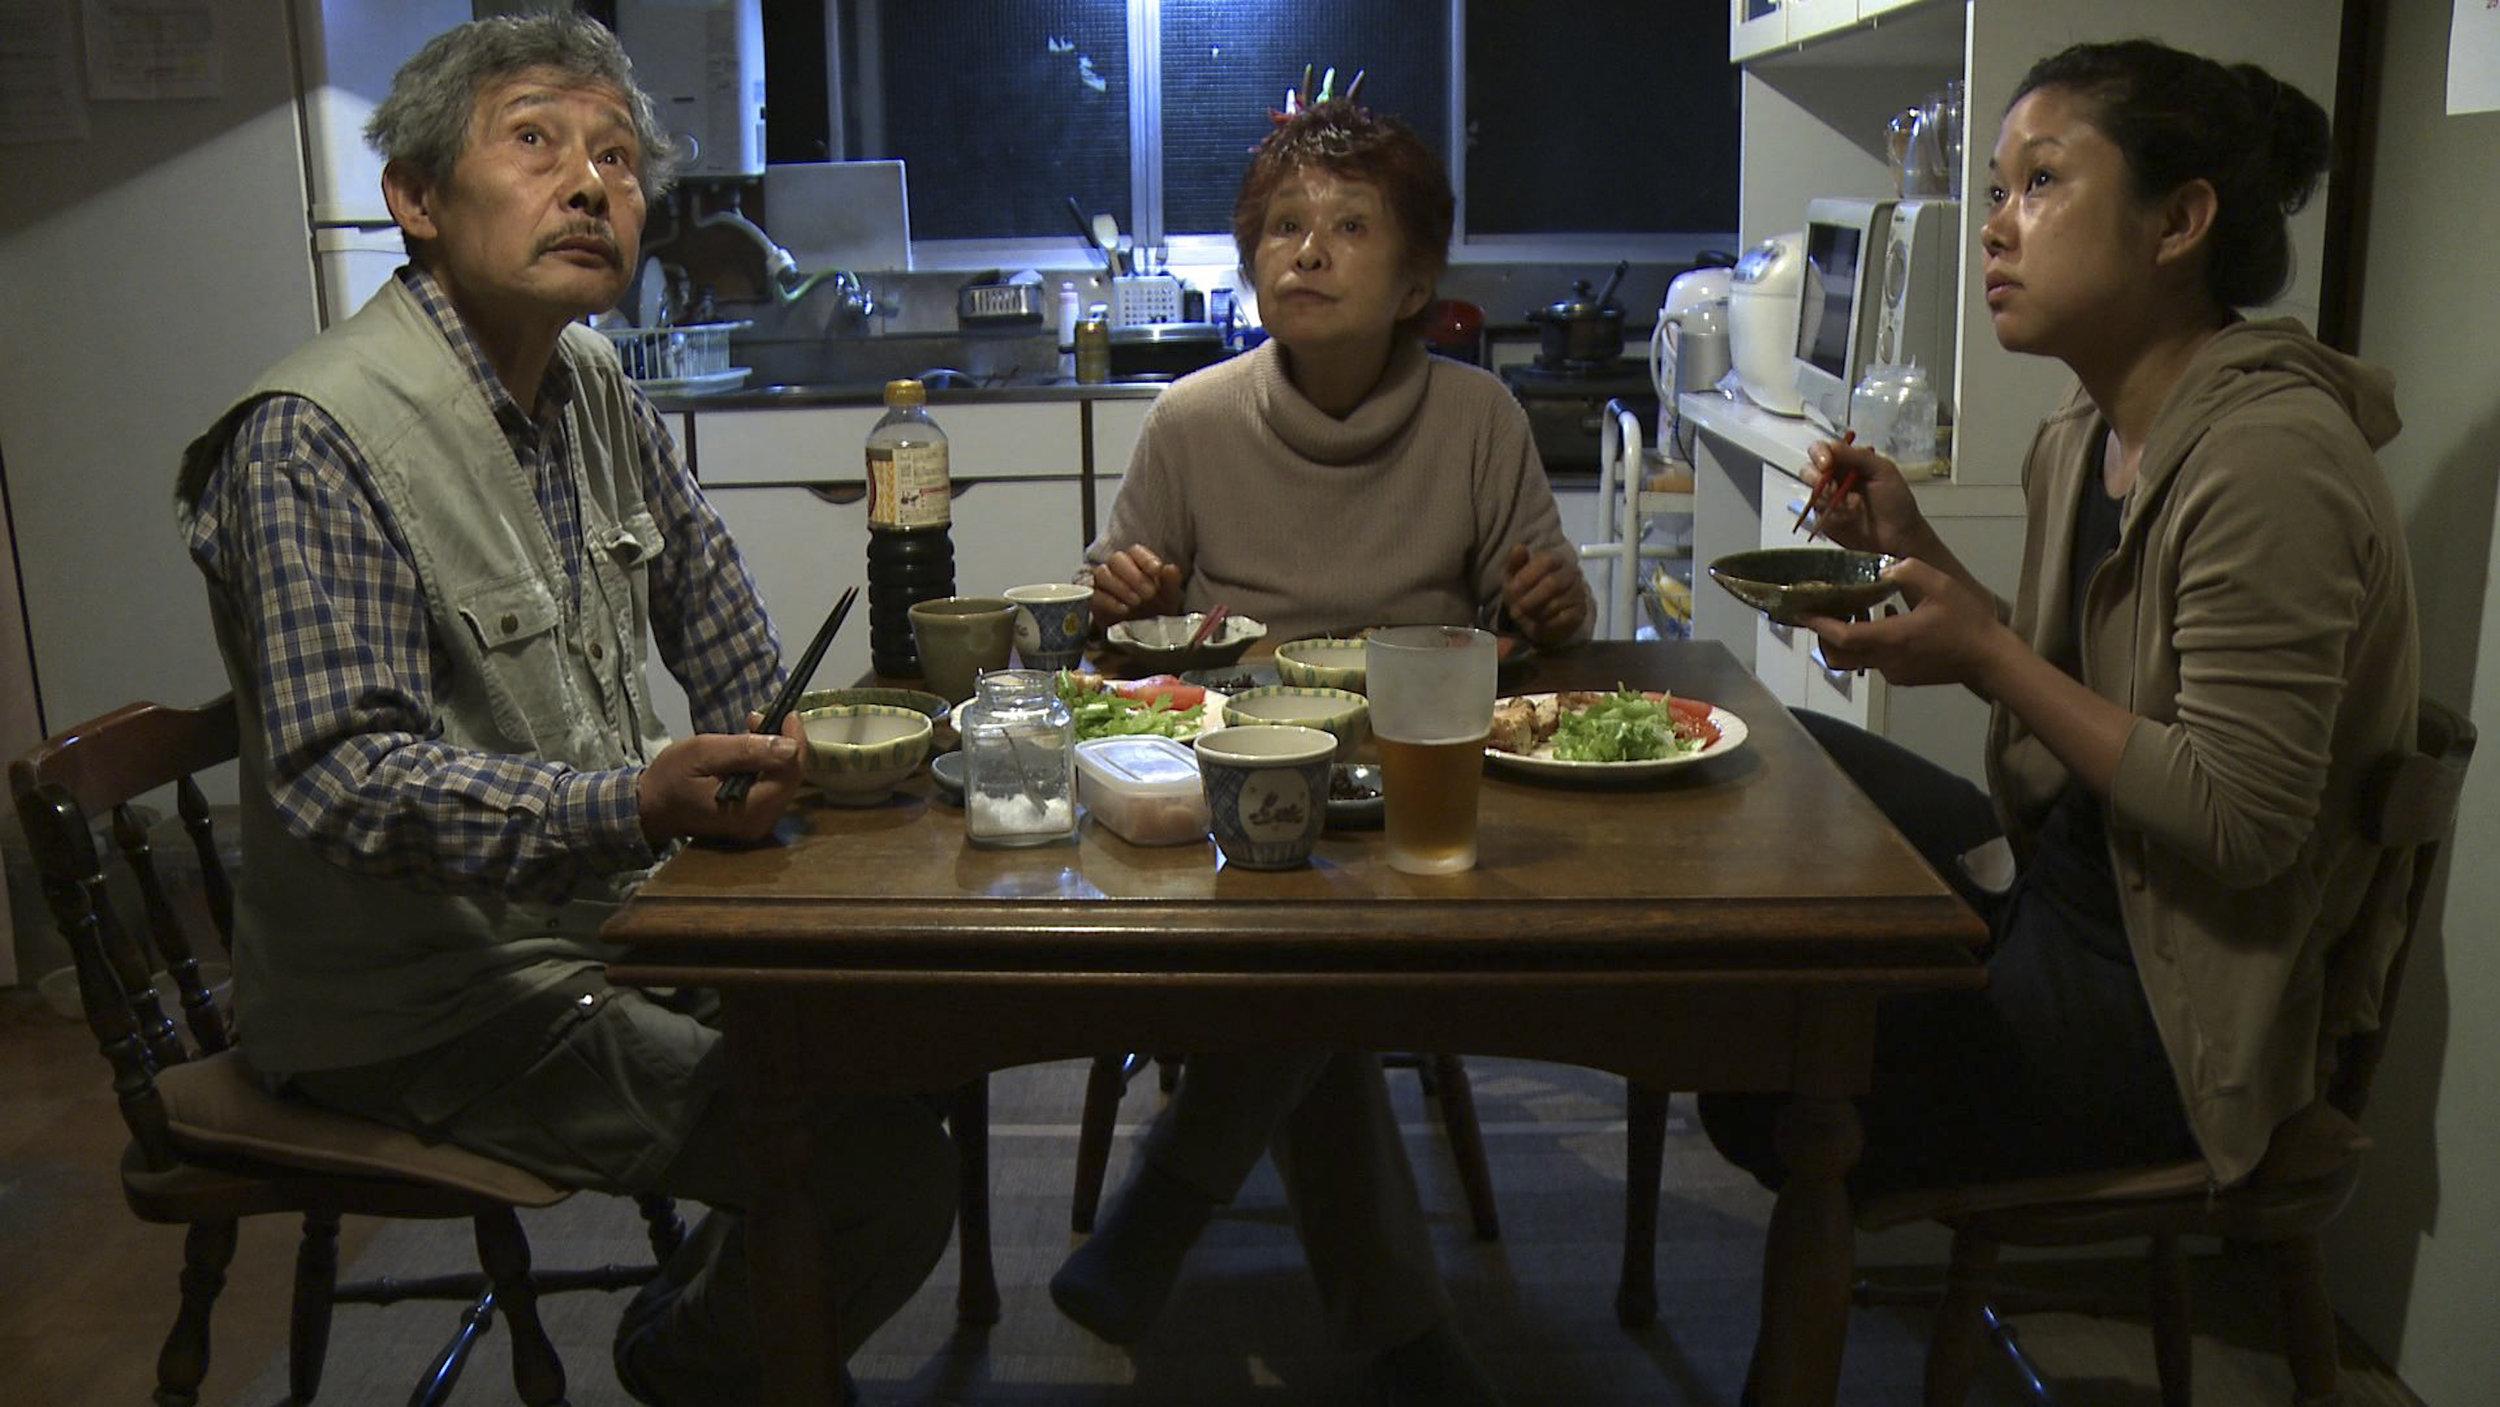 ニューヨークドキュメンタリー映画祭 - 「DOC NYC」日本から「笠間焼」と「夢と狂気の王国」